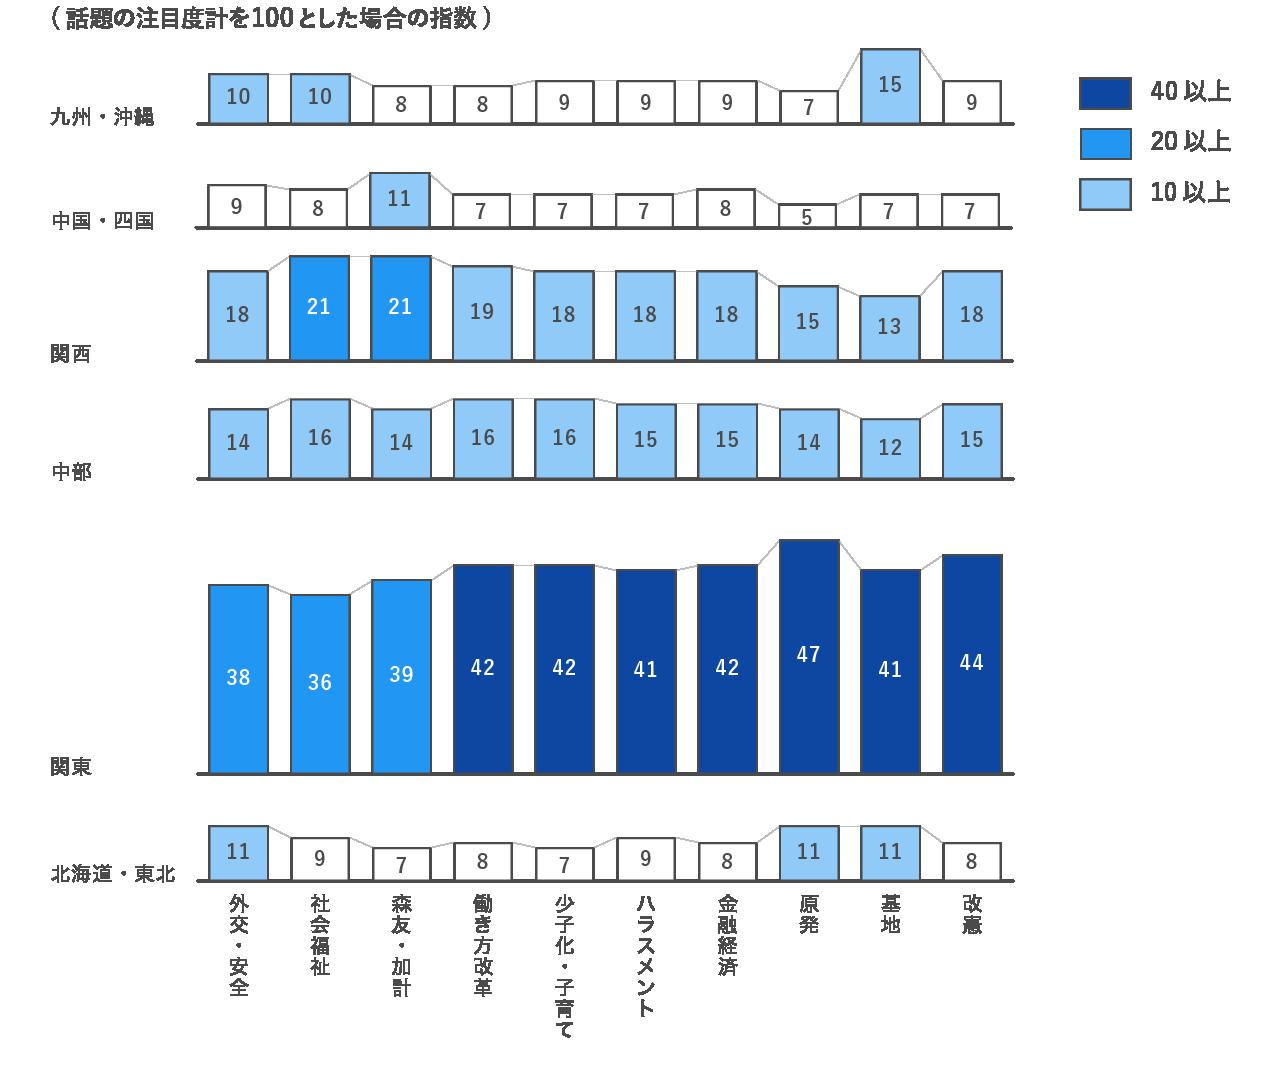 注目を集める政治的話題のカテゴリーには地域差があることを示すグラフ